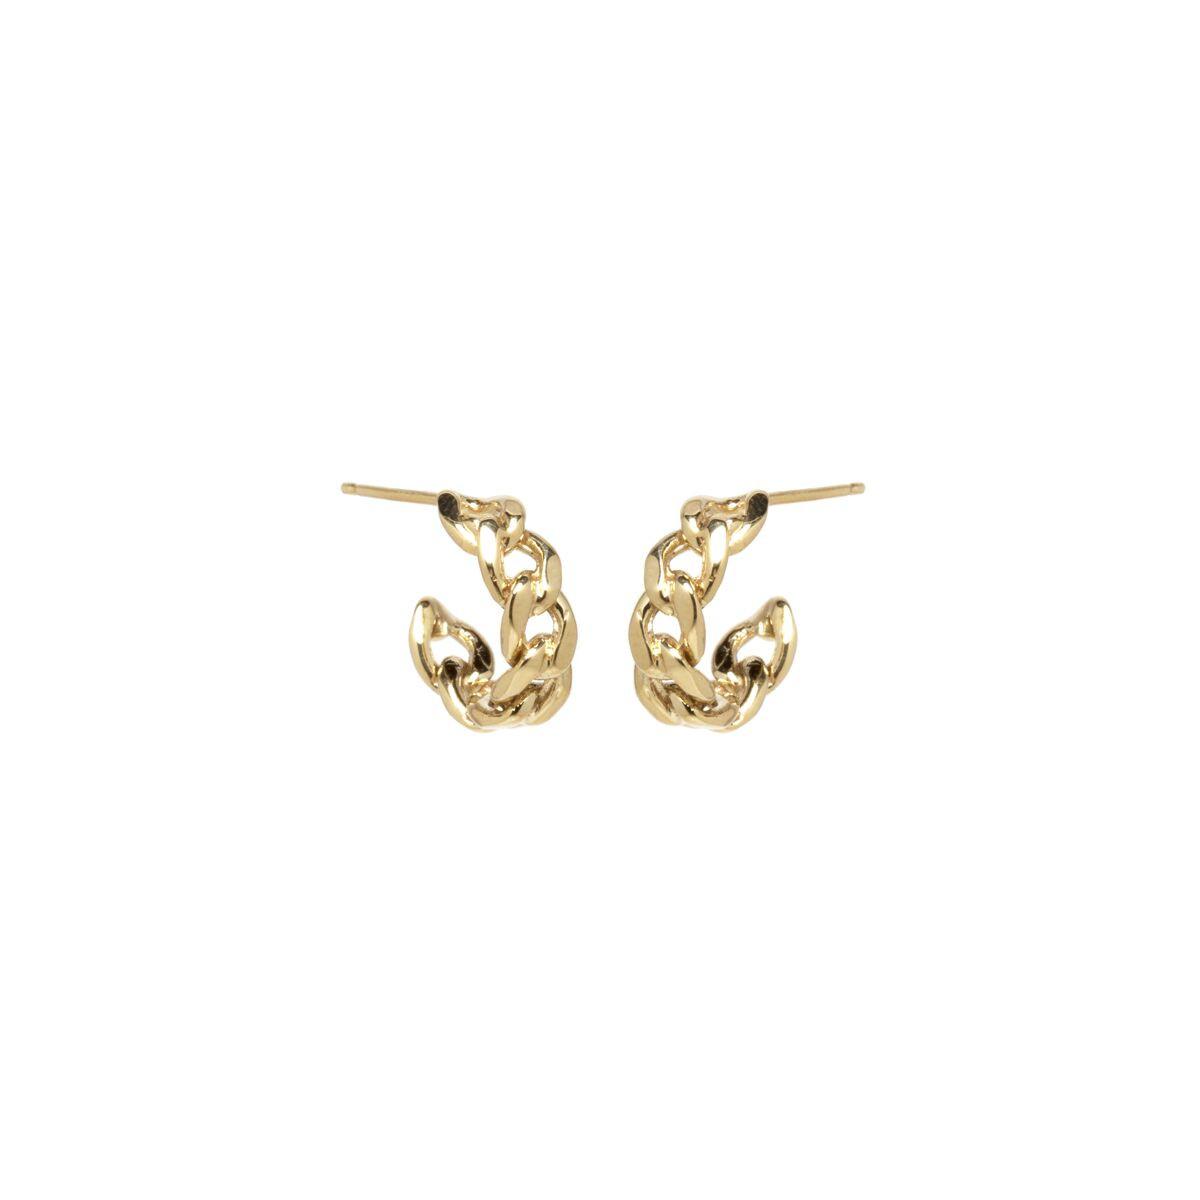 Zoe Chicco Medium Chain Hoop Earrings in Gold